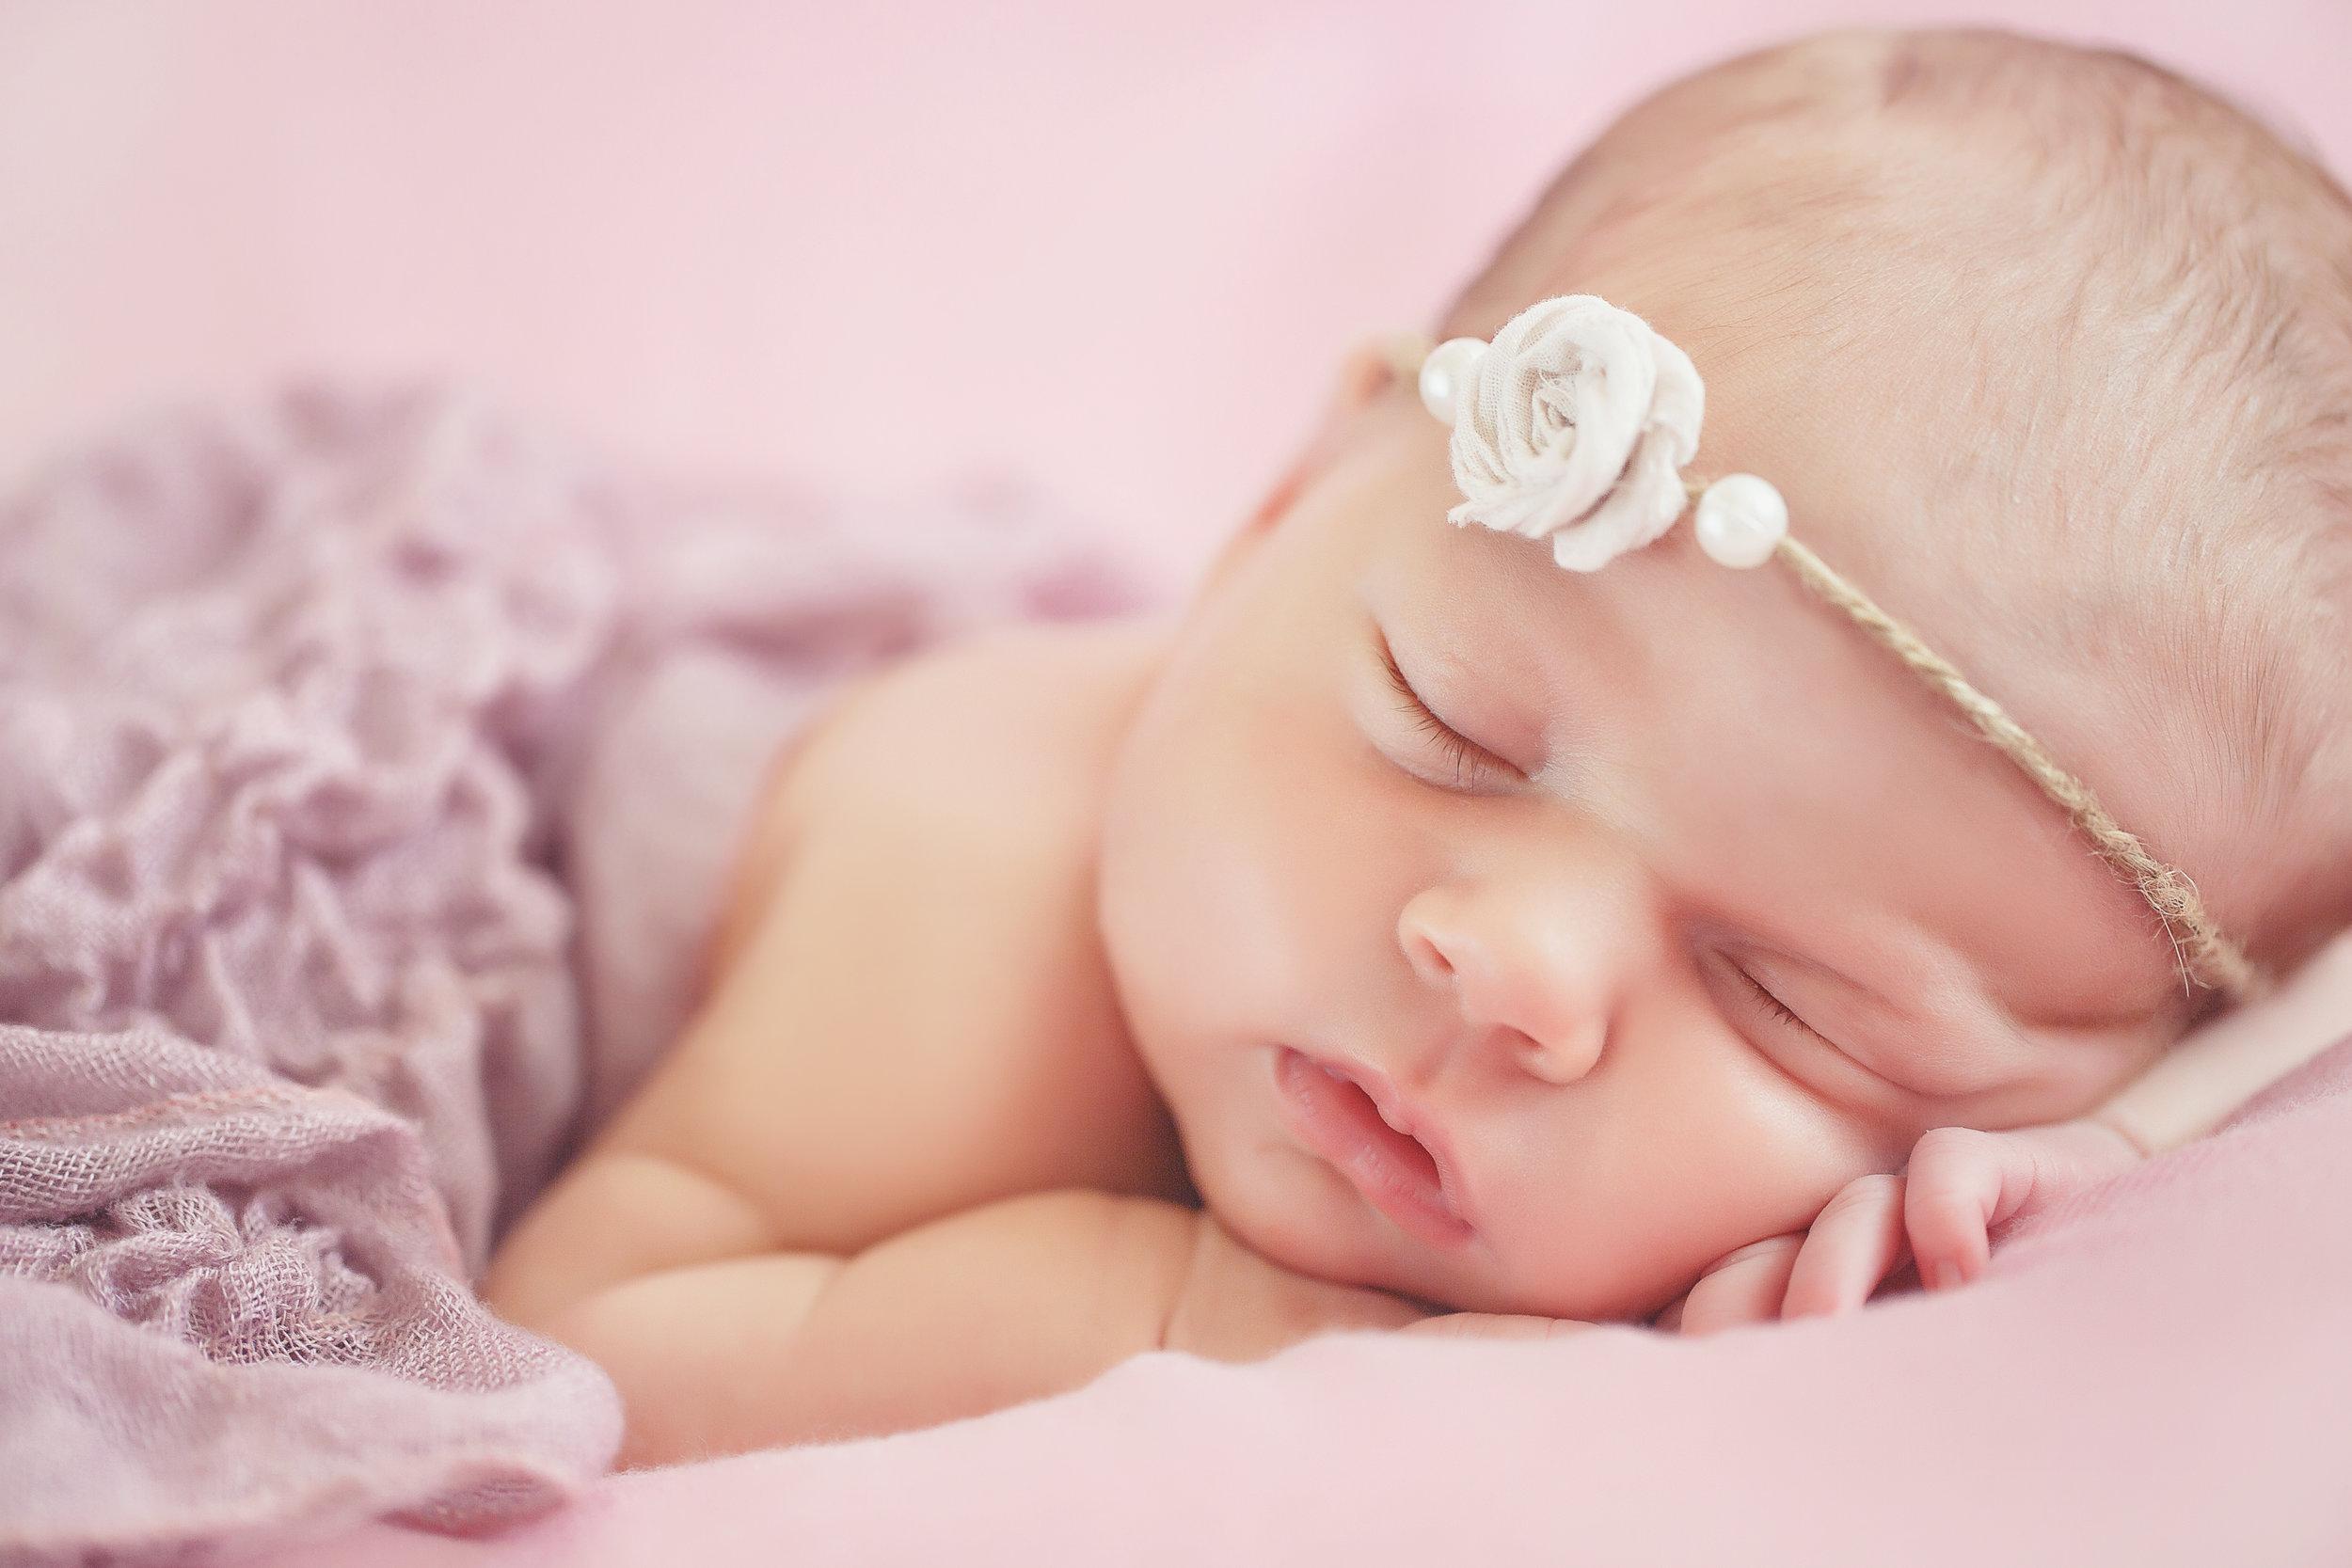 She is innocence -